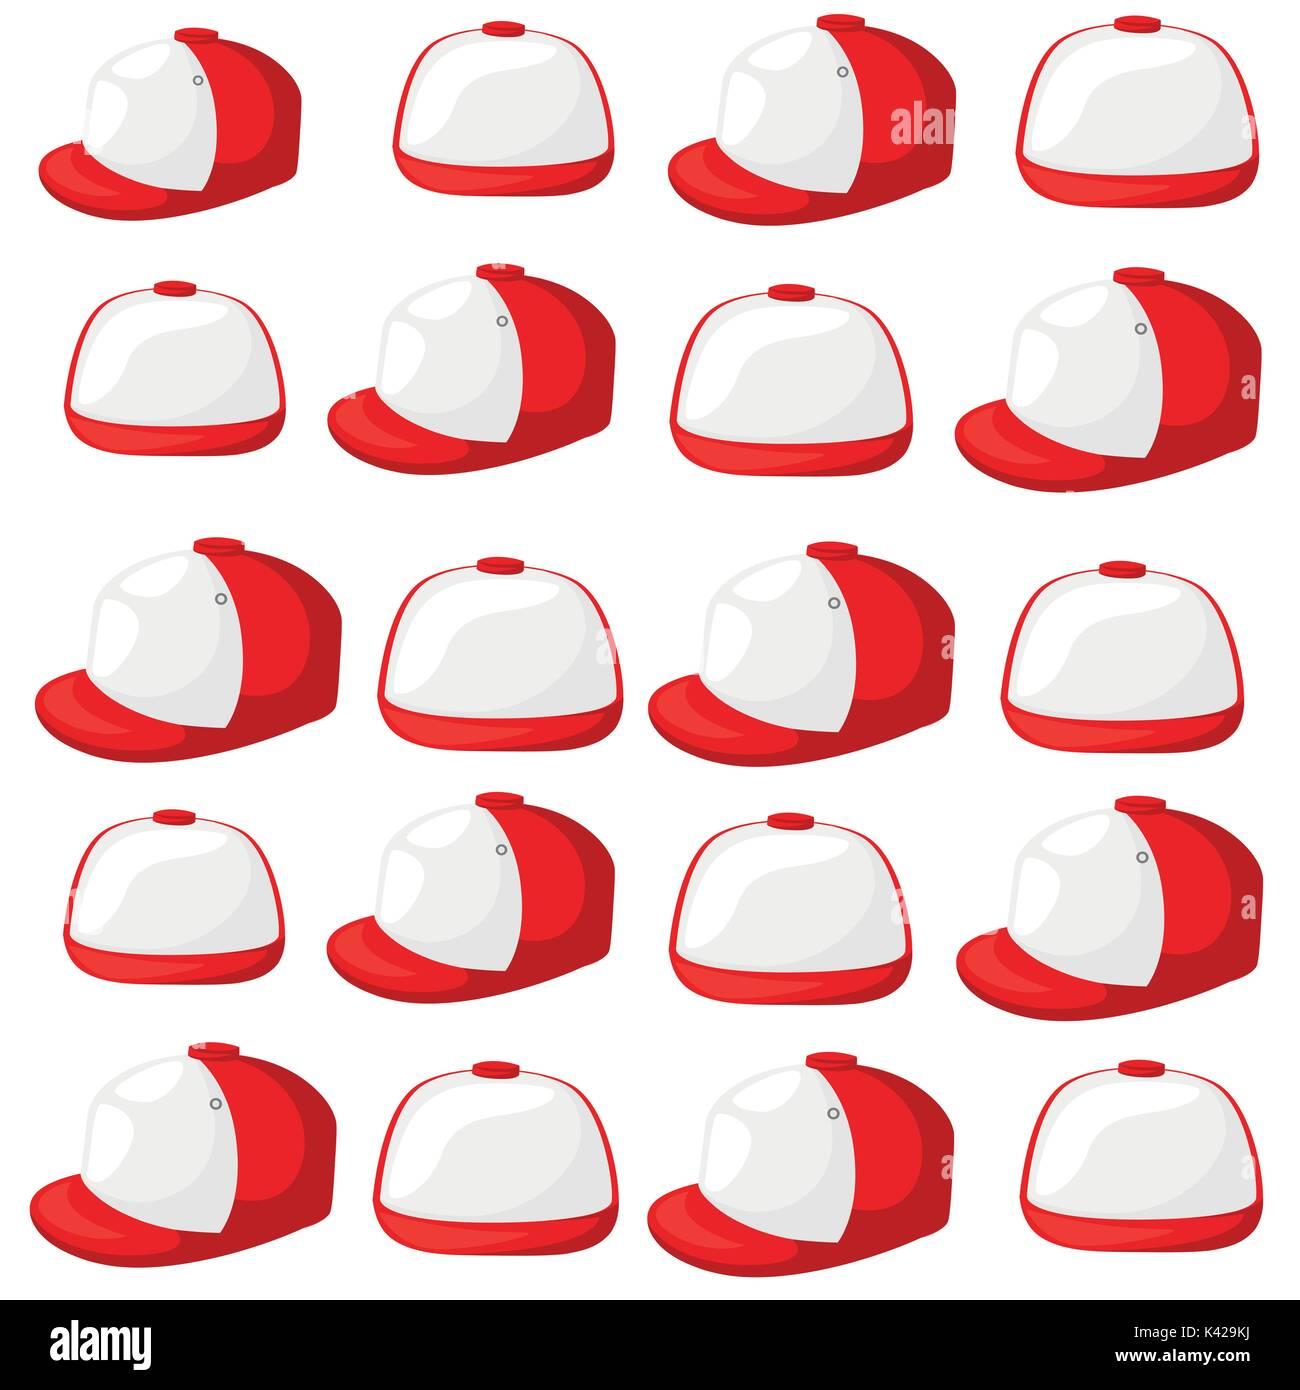 Baseball Cap schwarz-weiße Vorlagen, front, side, back Ansichten ...